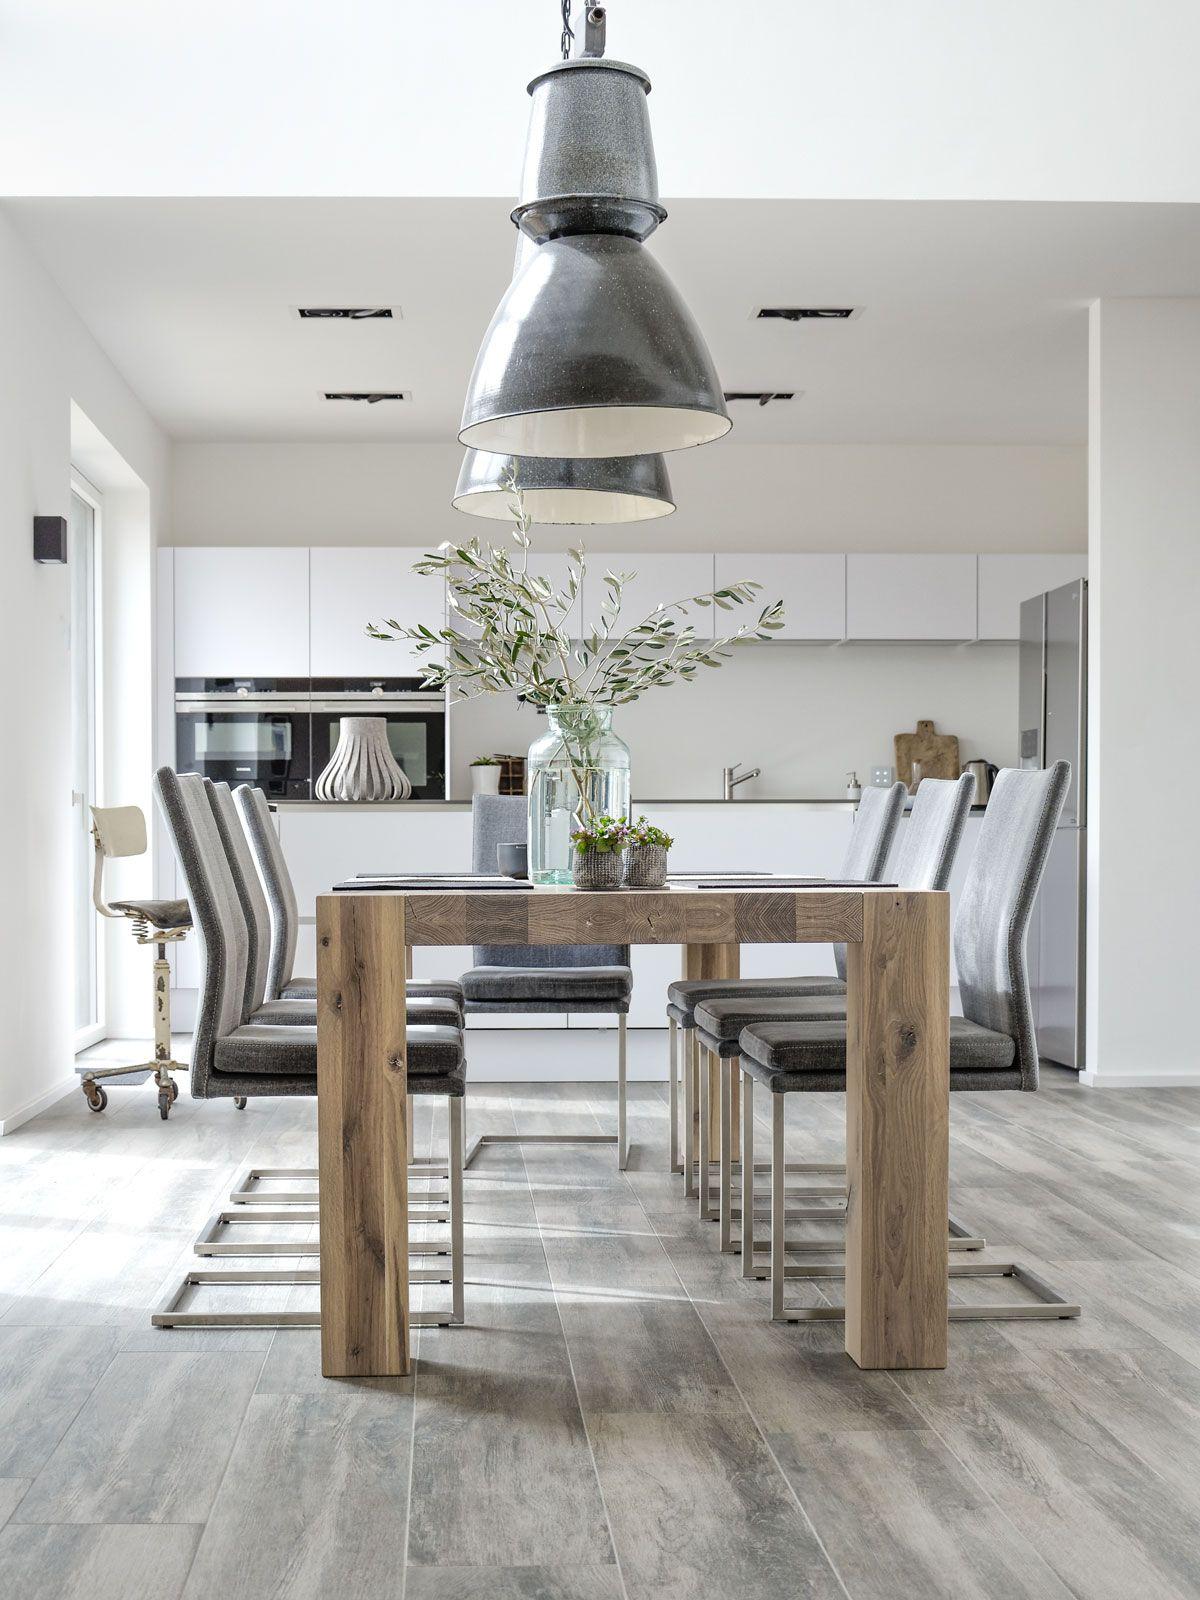 Schön Landküche Beleuchtung Pinterest Fotos - Ideen Für Die Küche ...